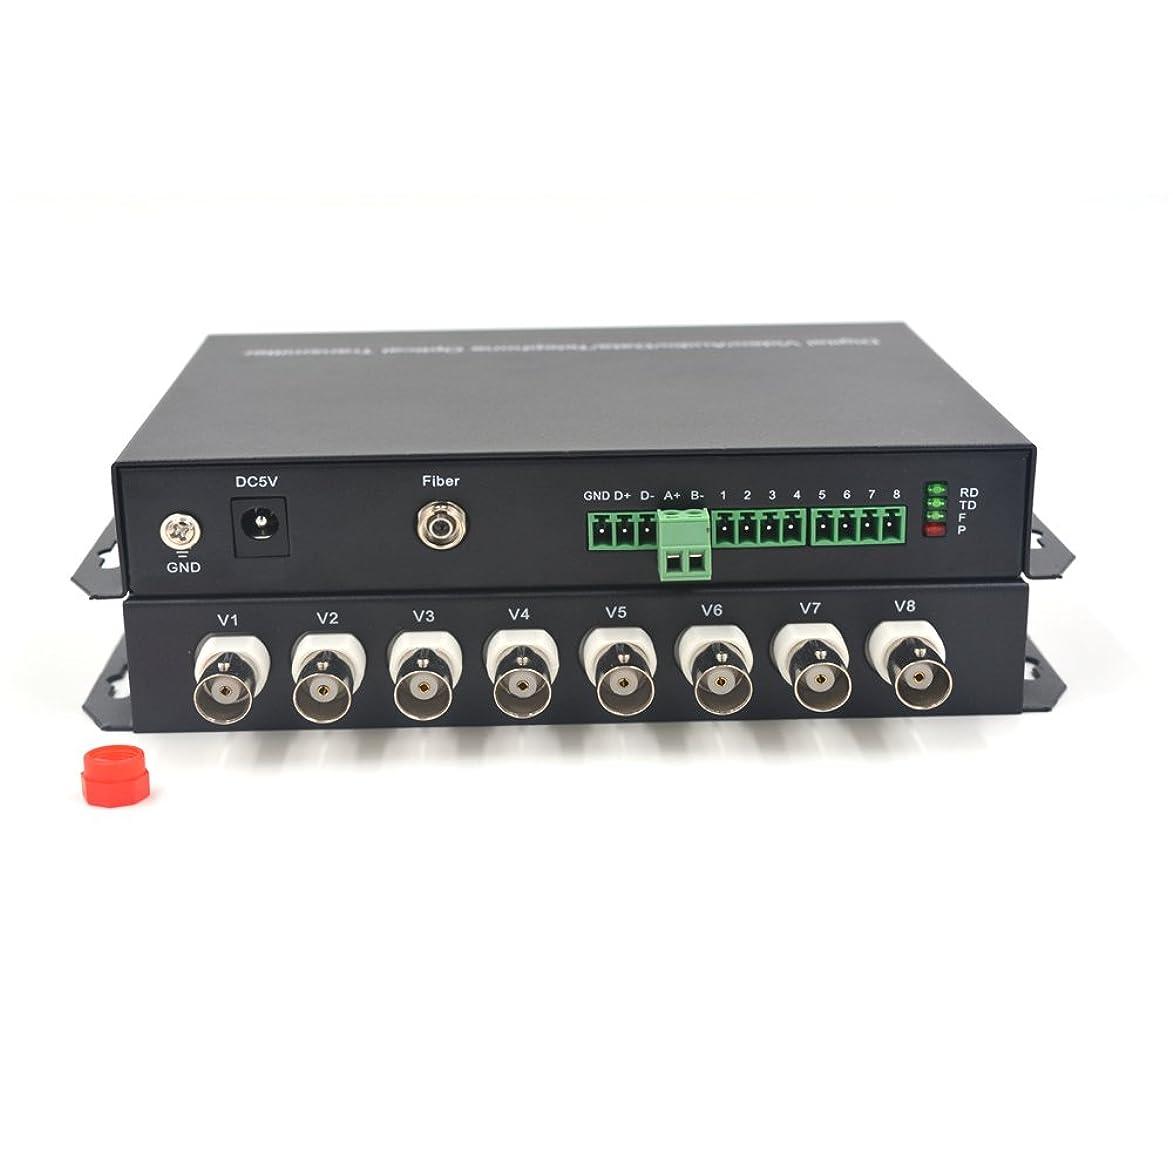 Guantai 8 CH Video Fiber Optical Media Converters (Tx/Rx) Kit S/M 20Km and M/M 2Km for CCTV Security System